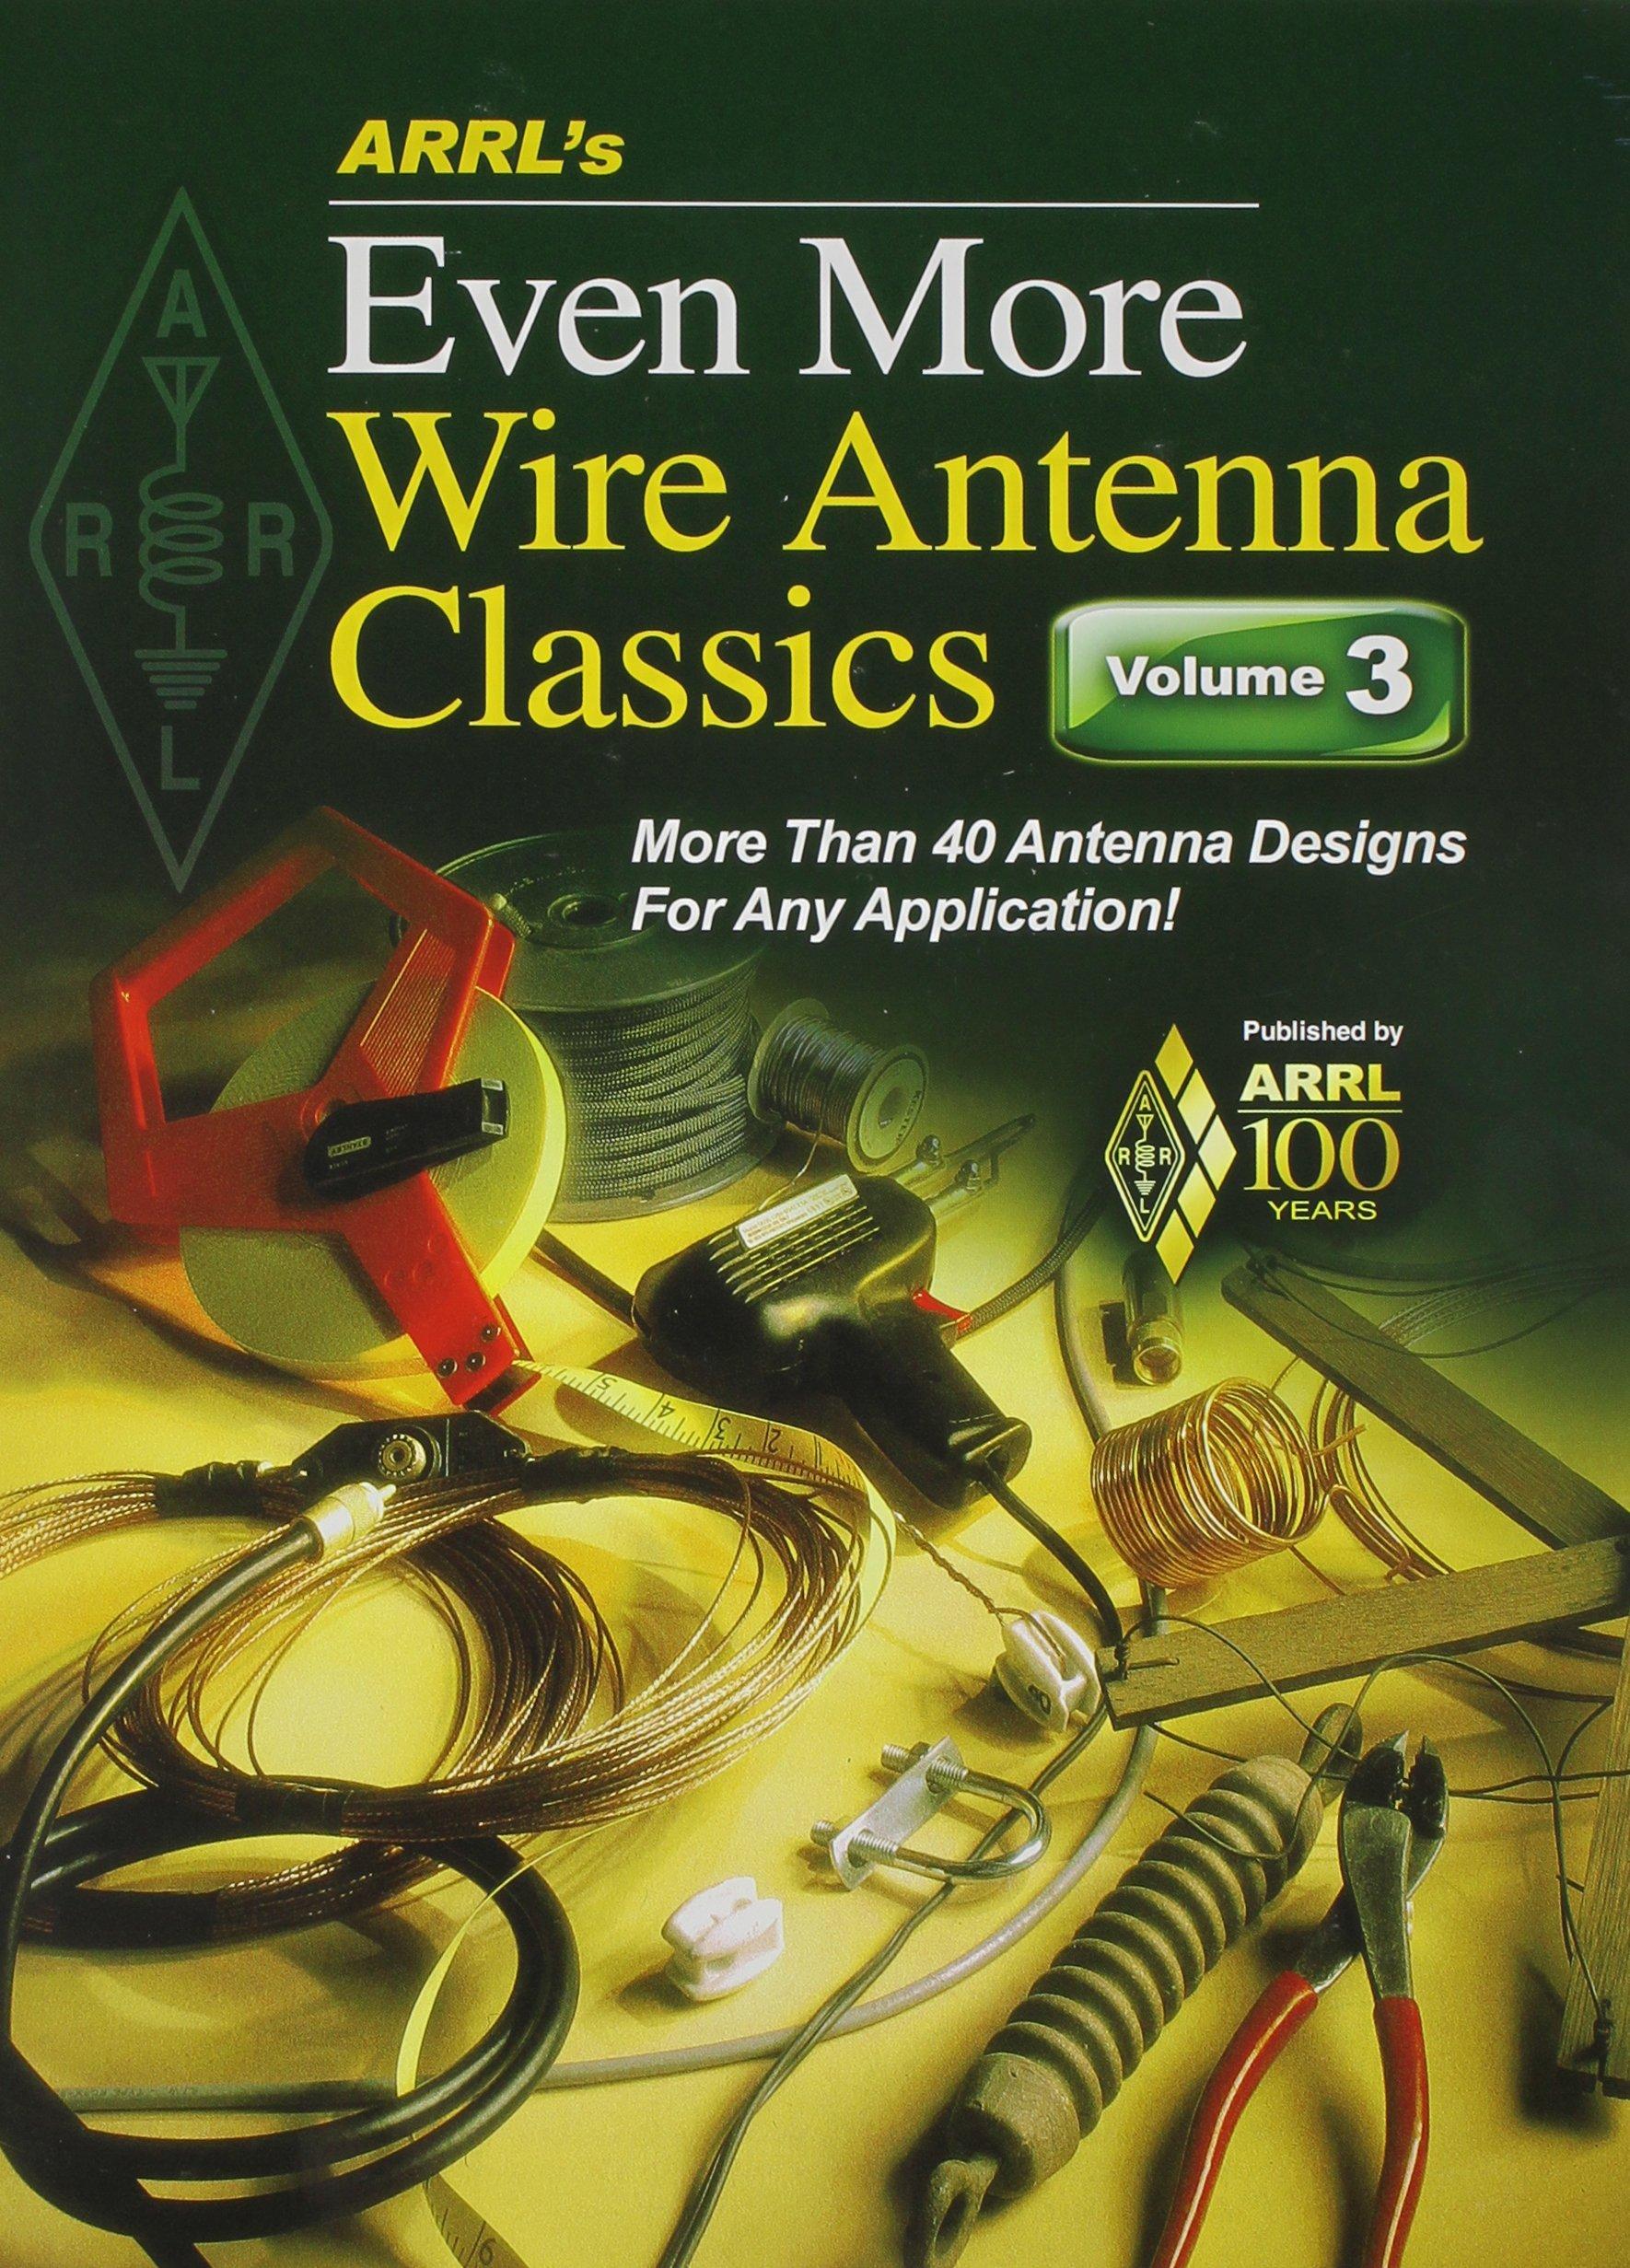 Download ARRL's Even More Wire Antenna Wire Classics PDF